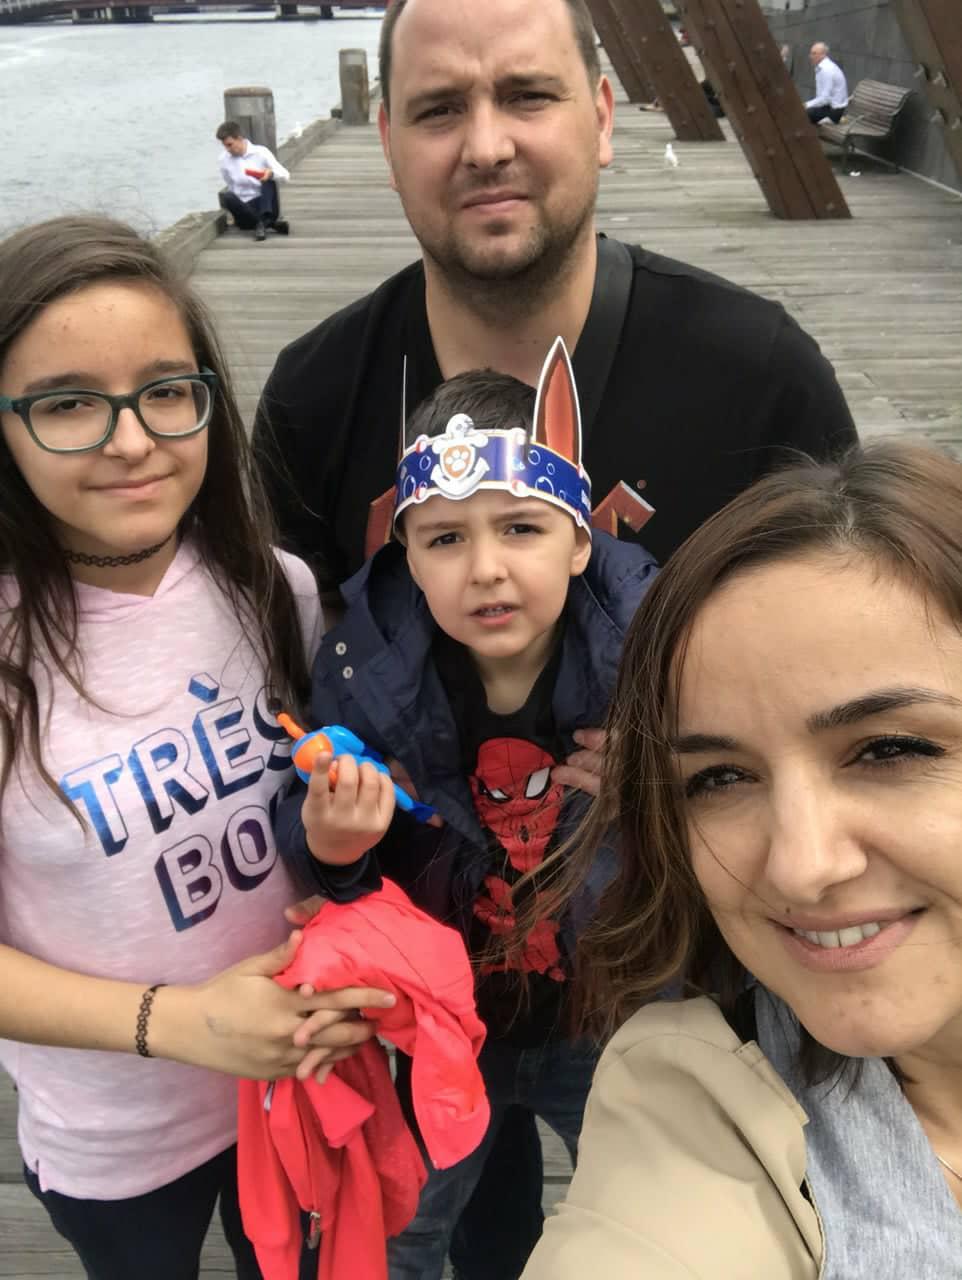 """Pozdravi od porodice Behlulović iz Brčkog- Edina Behlulović: """"Moja porodica i ja smo konačno ostvarili naše snove u Australiji""""!"""